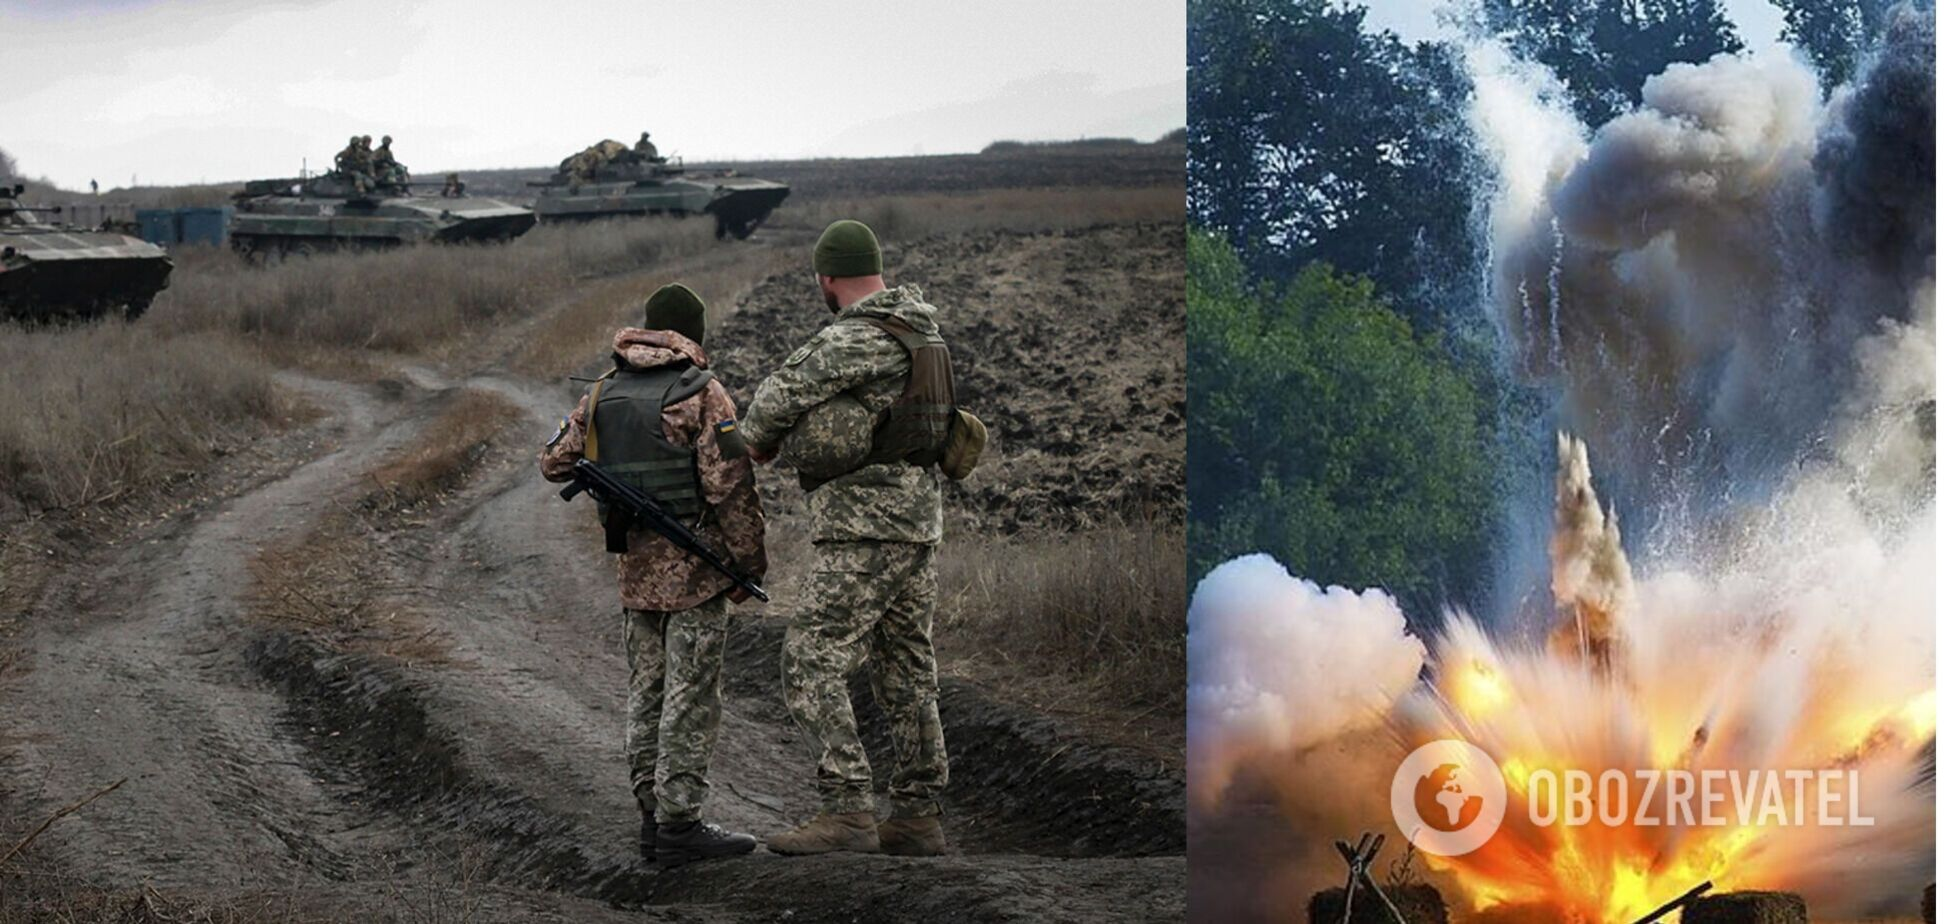 ВСУ попали под удар террористов на Донбассе: выпустили более 30 мин